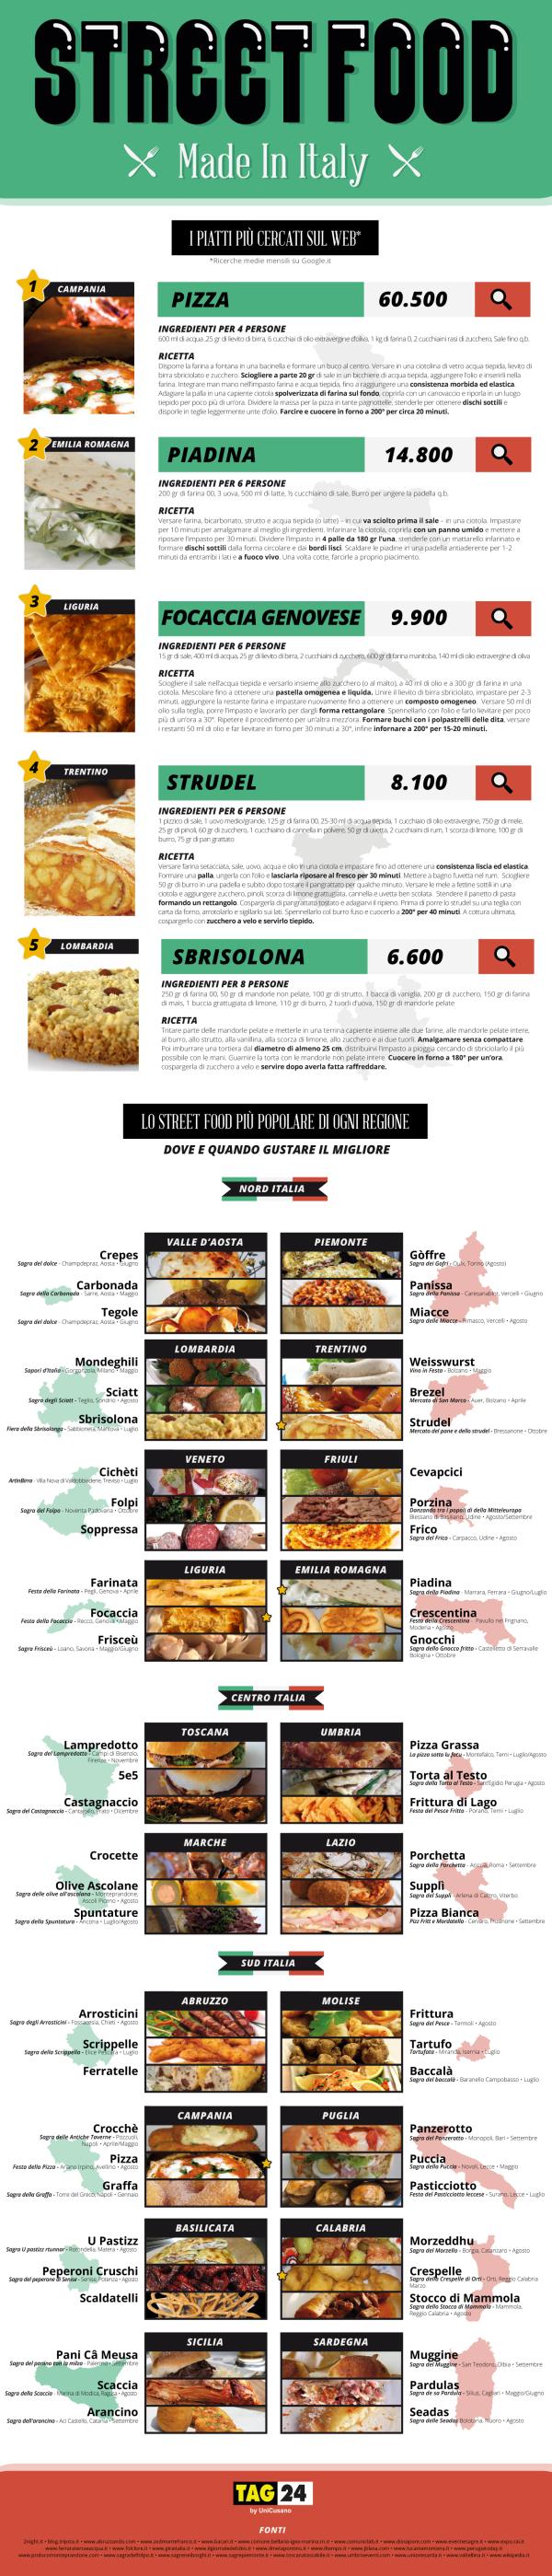 Street food italiano infografica